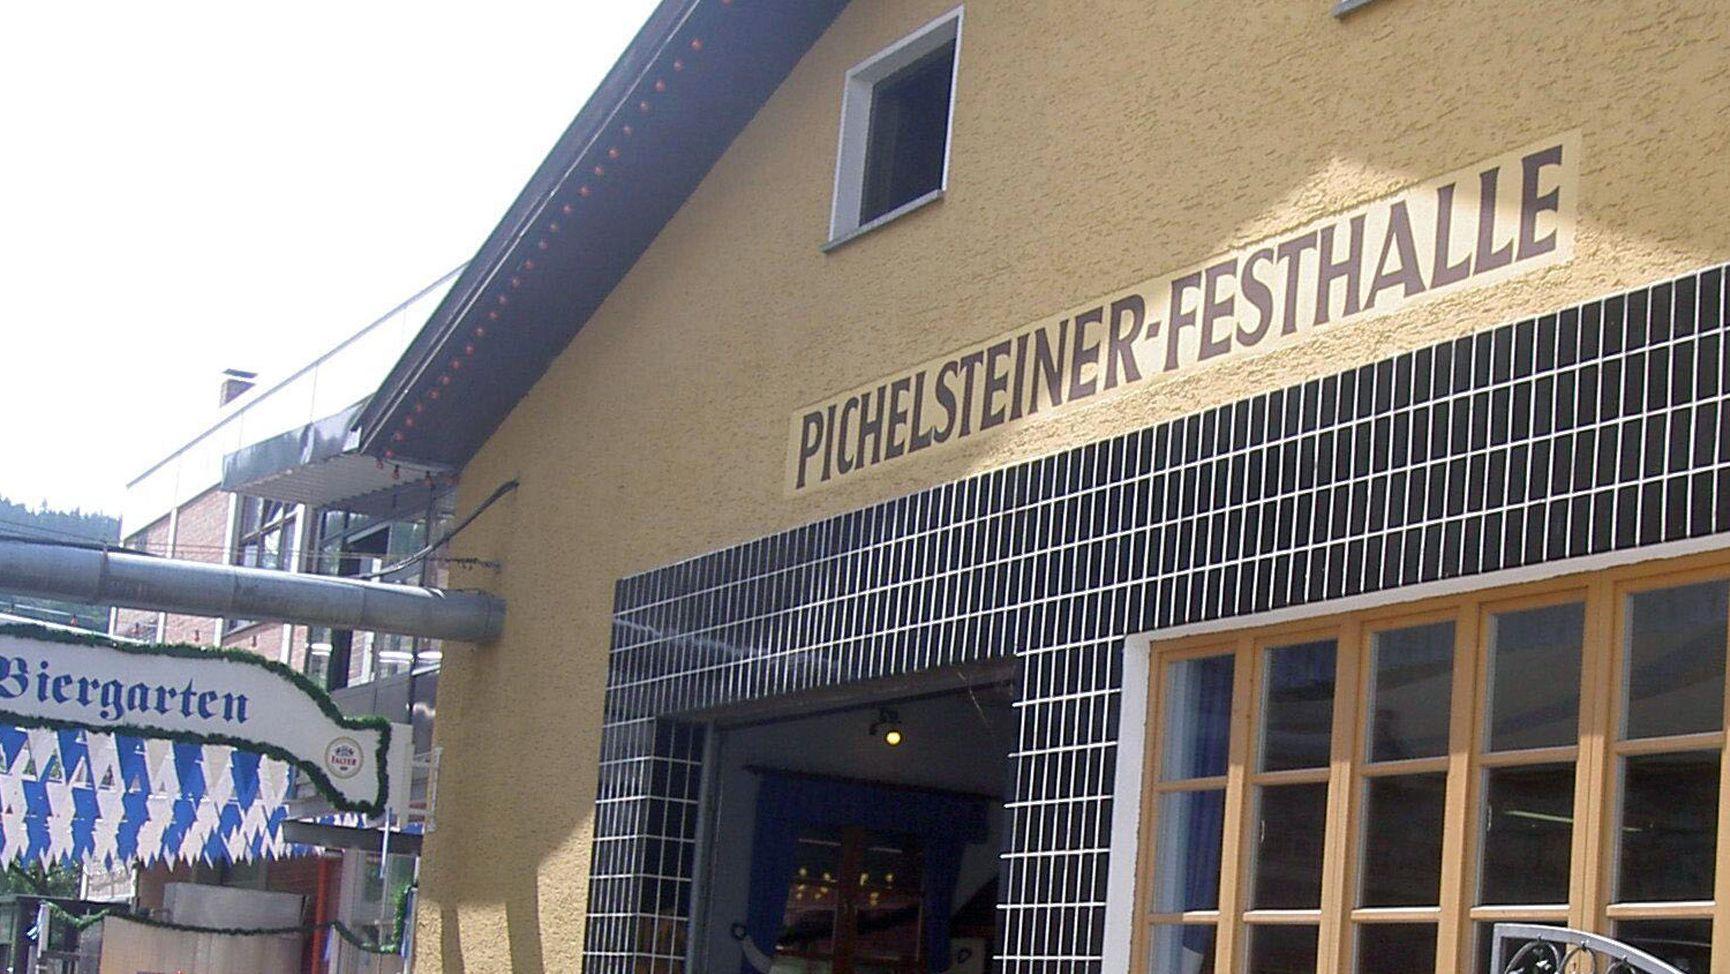 Die Pichelsteiner-Festhalle in Regen